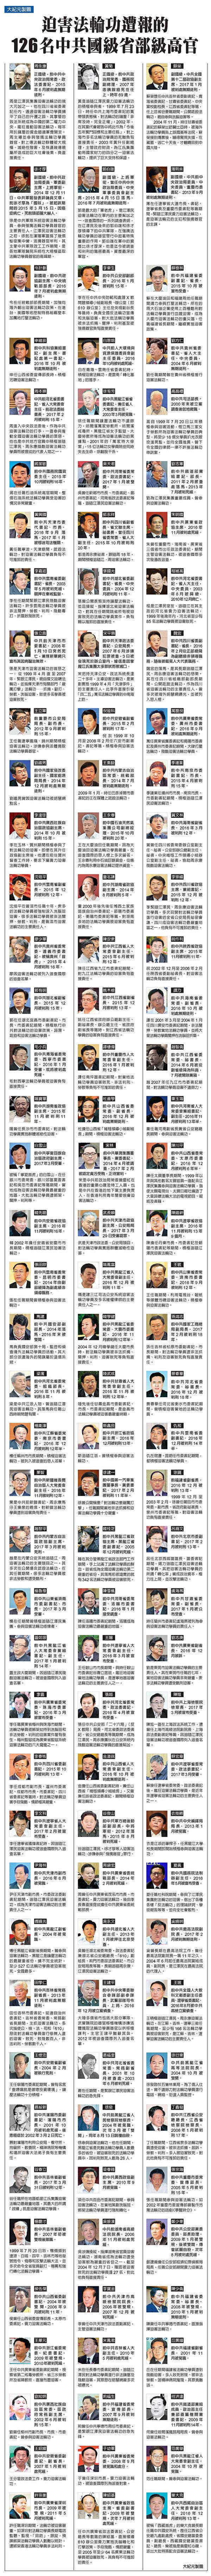 迫害法轮功遭报应的126个中共国级省部级高官。(大纪元制图)